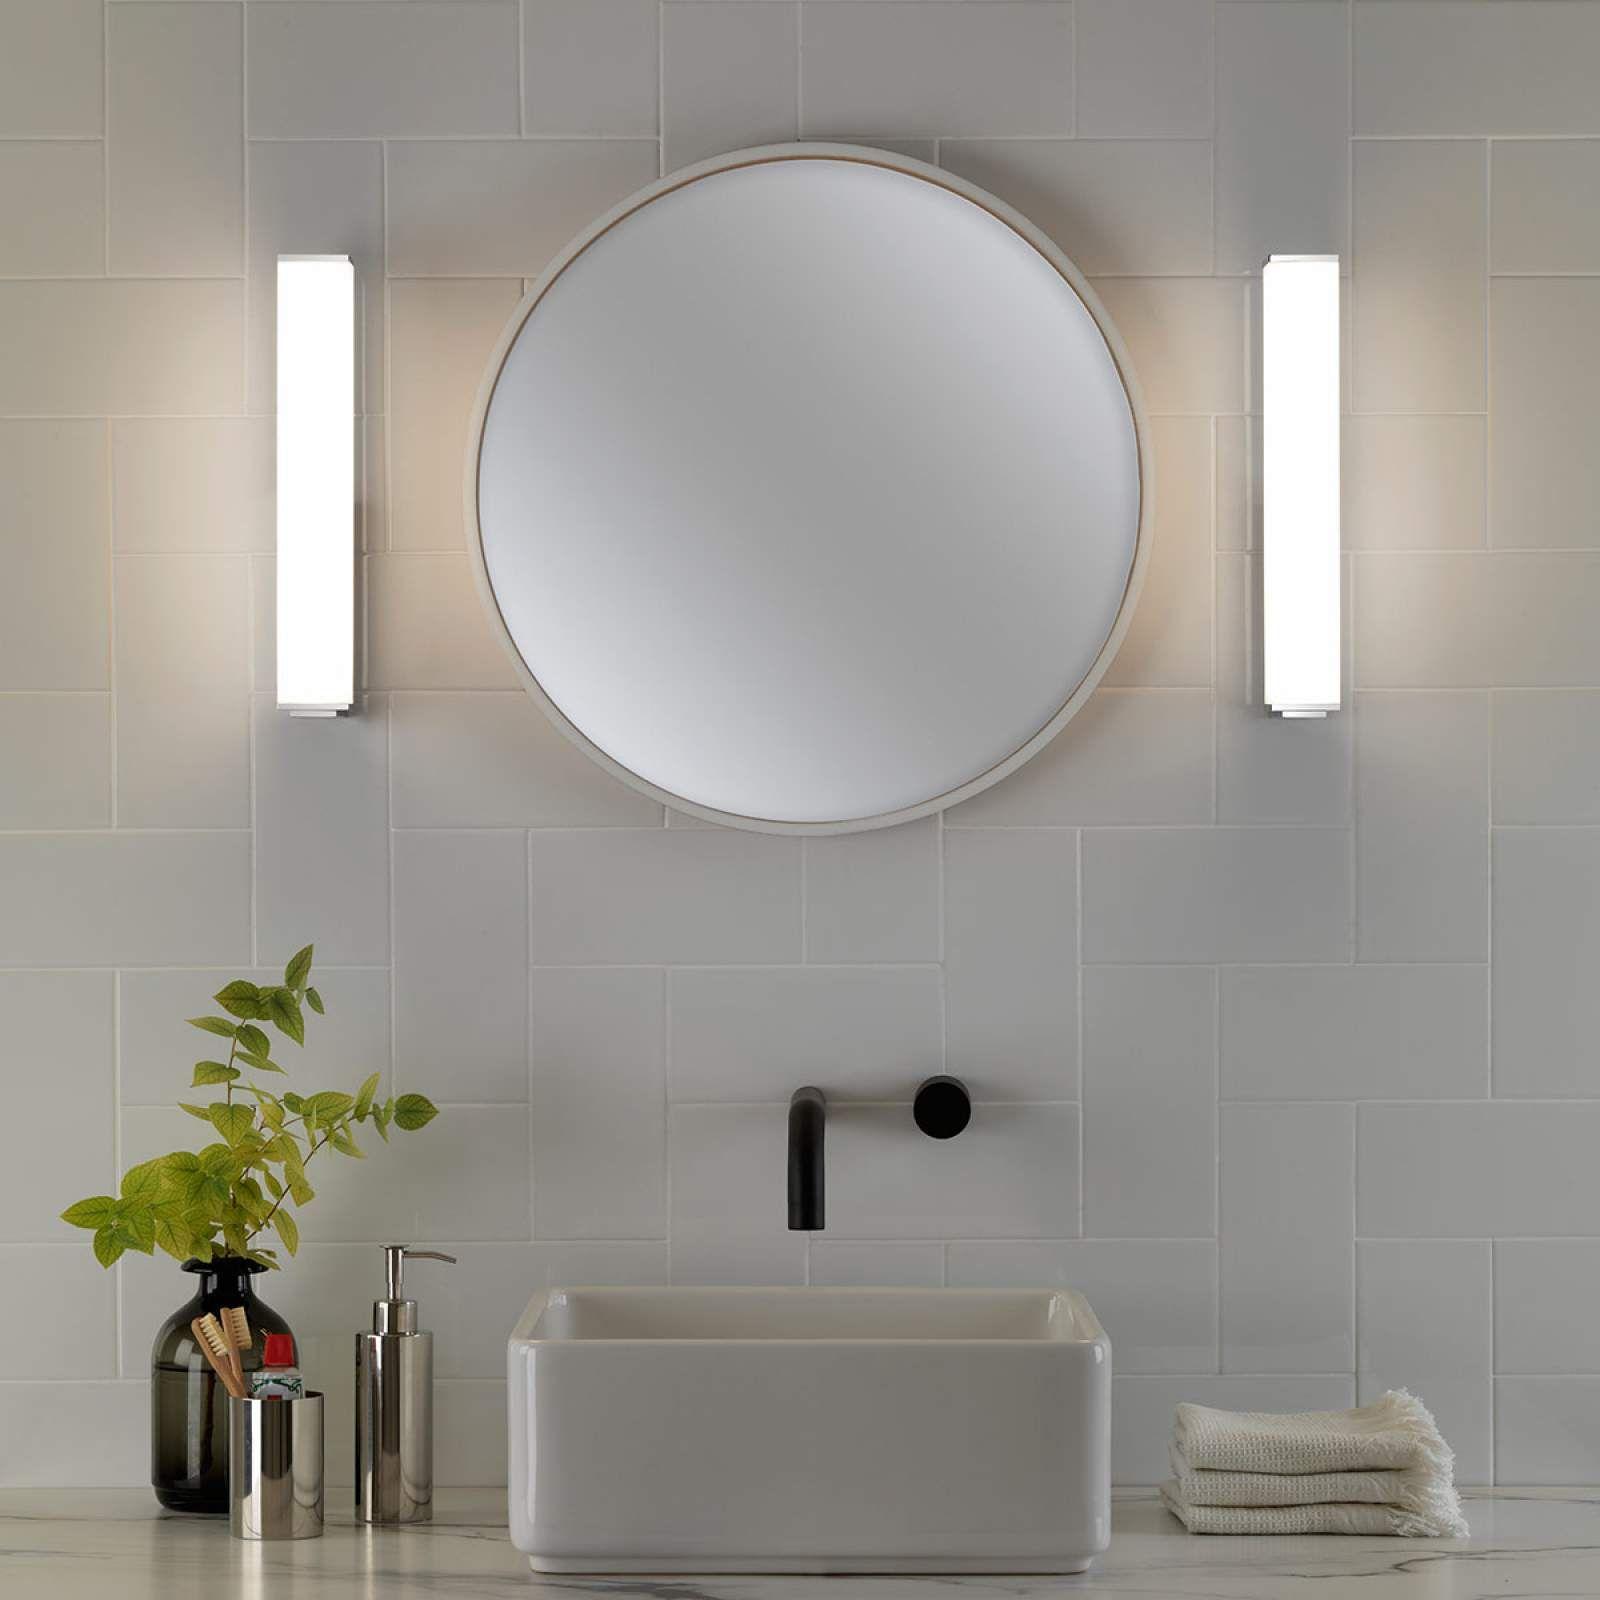 Moderne Wandleuchte Karla Von Astro Silber Runde Badezimmerspiegel Lampe Badezimmer Und Badezimmer Led